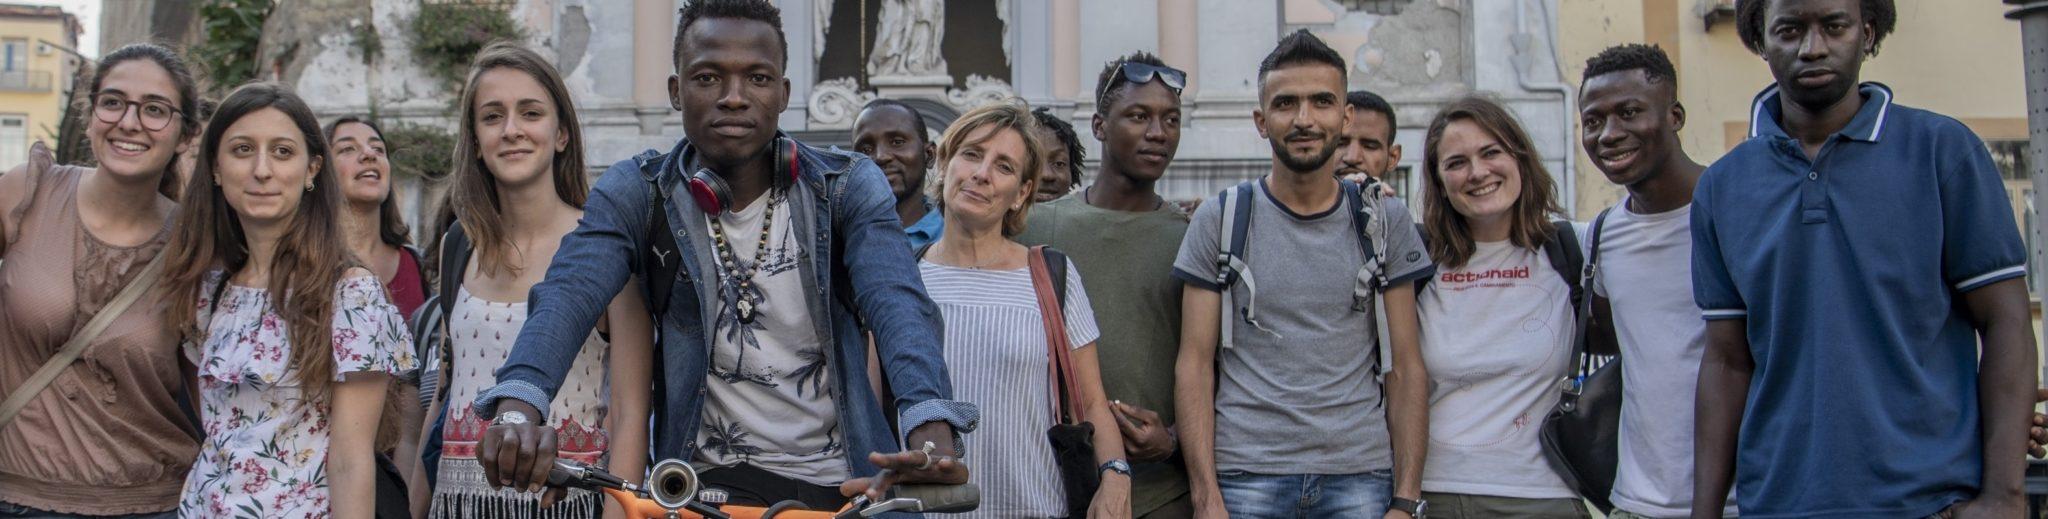 migrazione rifugiati e richiedenti asilo migration refugees and asylum seekers